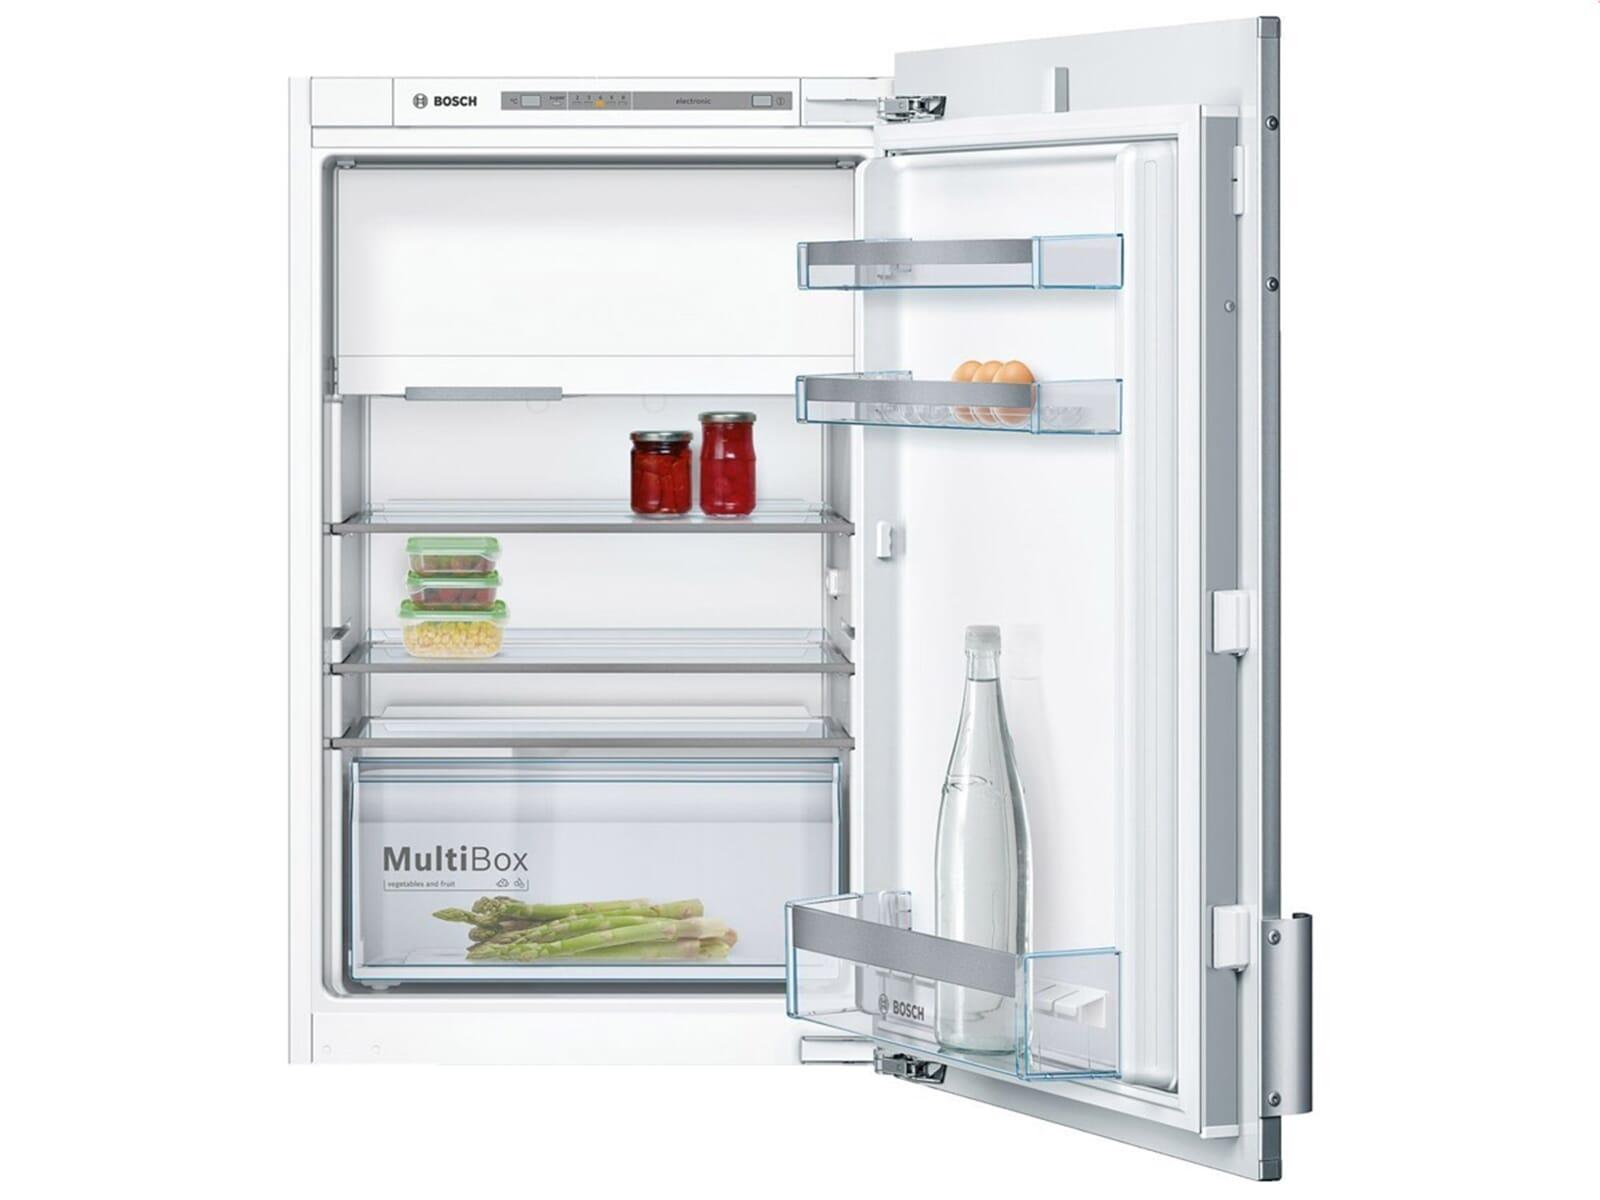 Bosch Kühlschrank Mit Gefrierfach : Bosch kfl vf set bosch einbaukühlschrank kil vf bosch